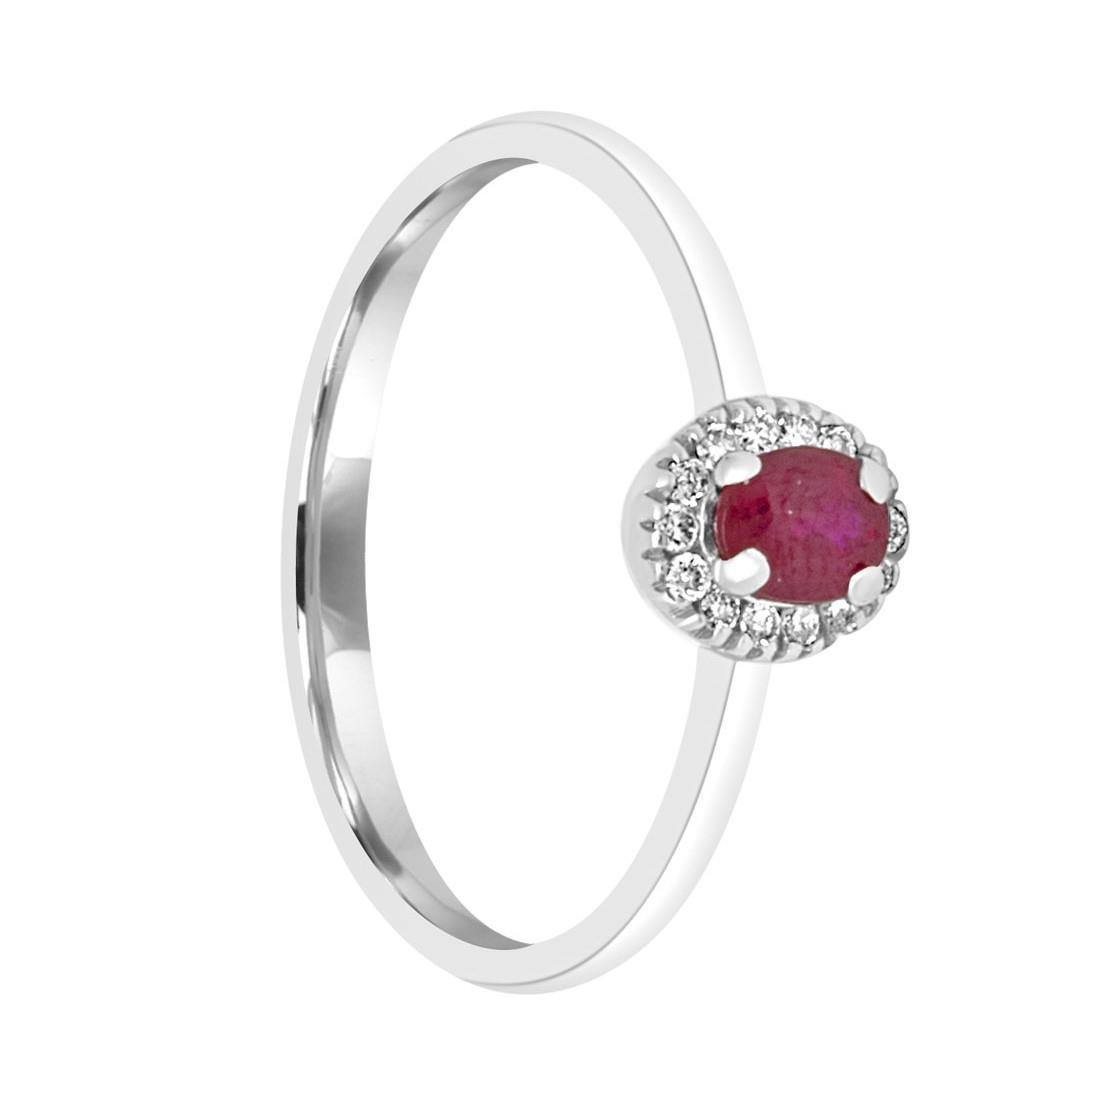 Anello in oro bianco con diamanti e rubino ct. 0,26 - ALFIERI ST JOHN